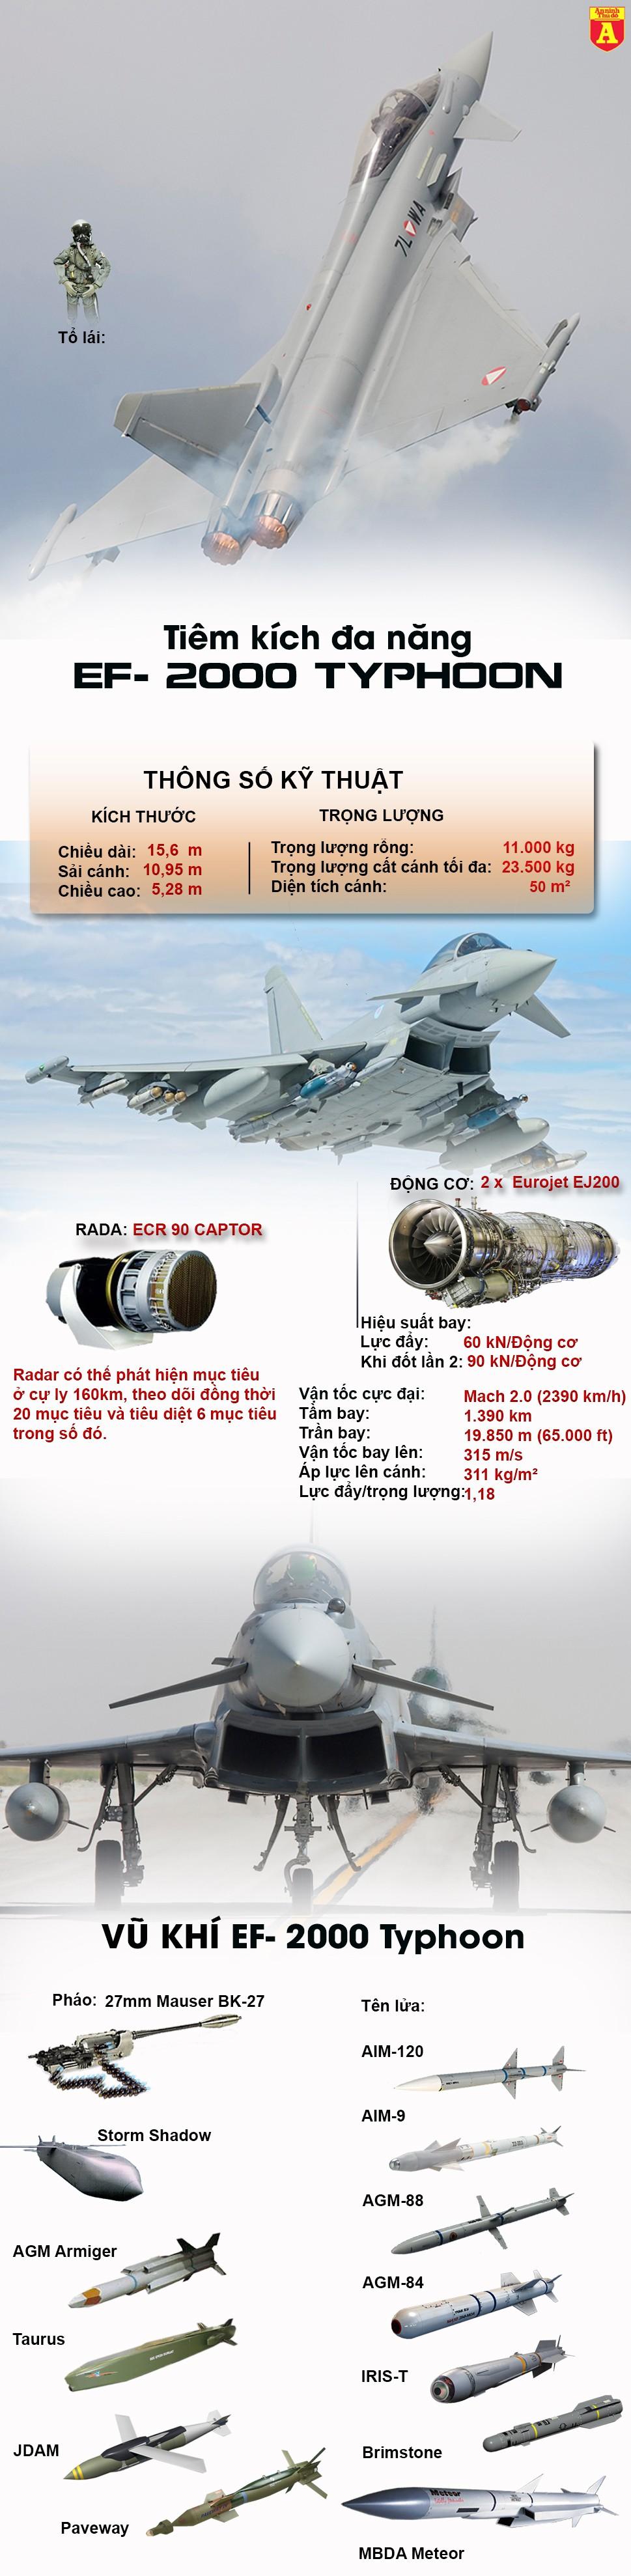 [Infographic] Không phải từ Mỹ, đây mới là chiến đấu cơ khiến Nga bất an nhất ảnh 2